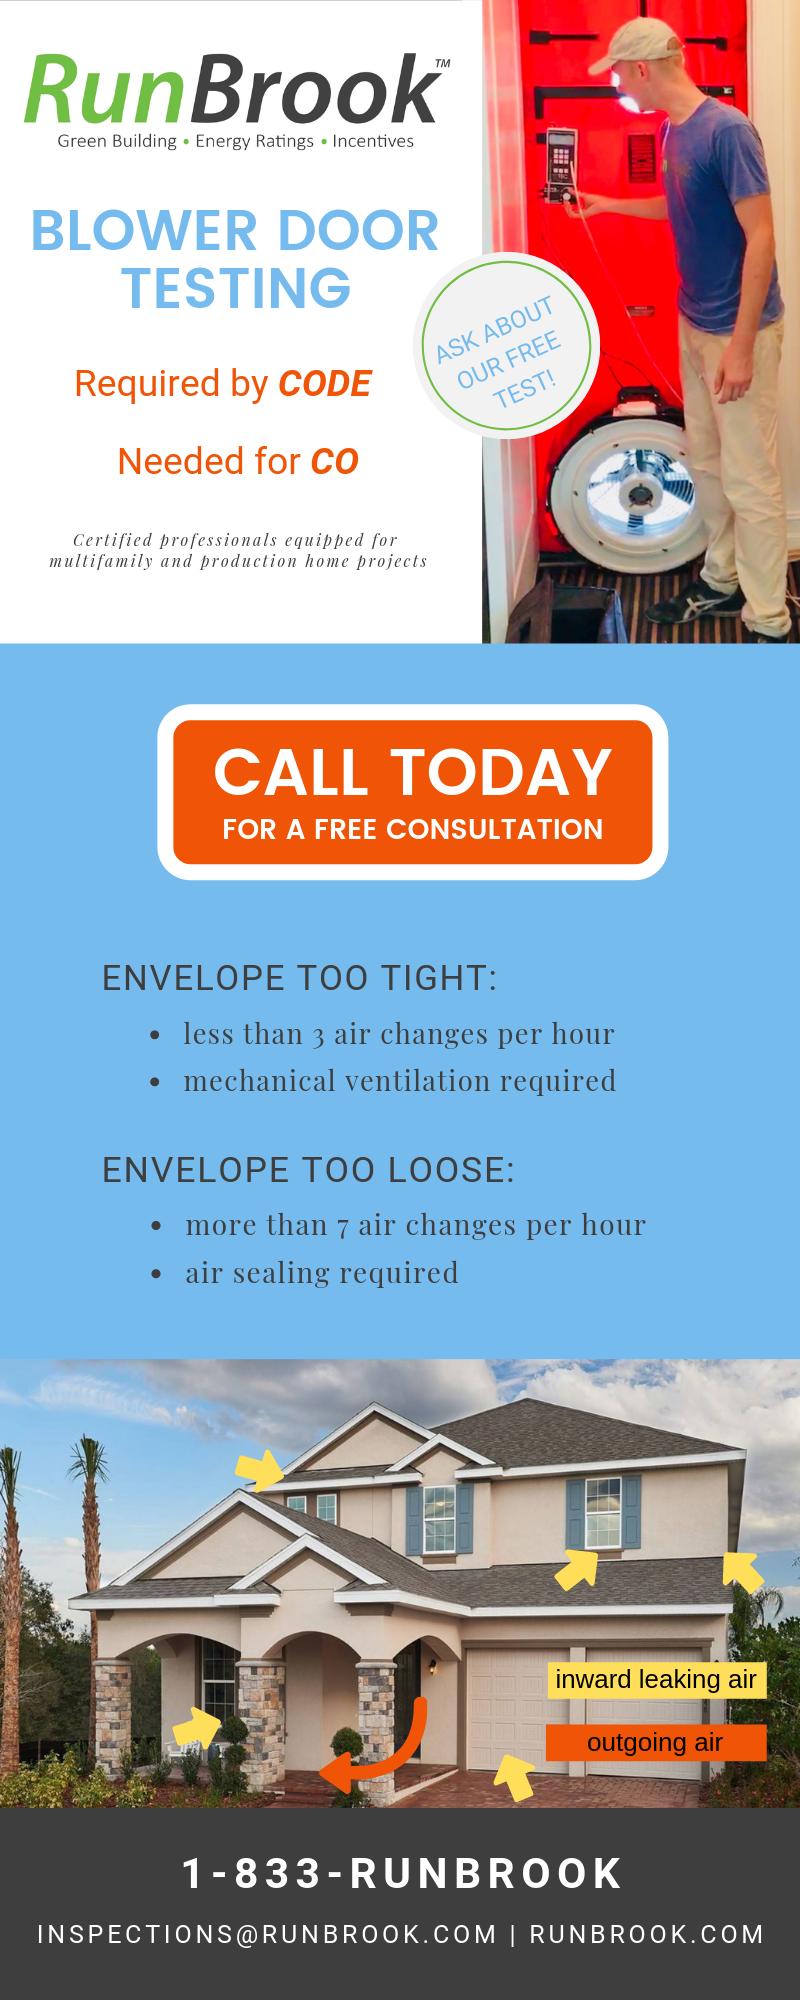 Blower Door Testing Infographic.png